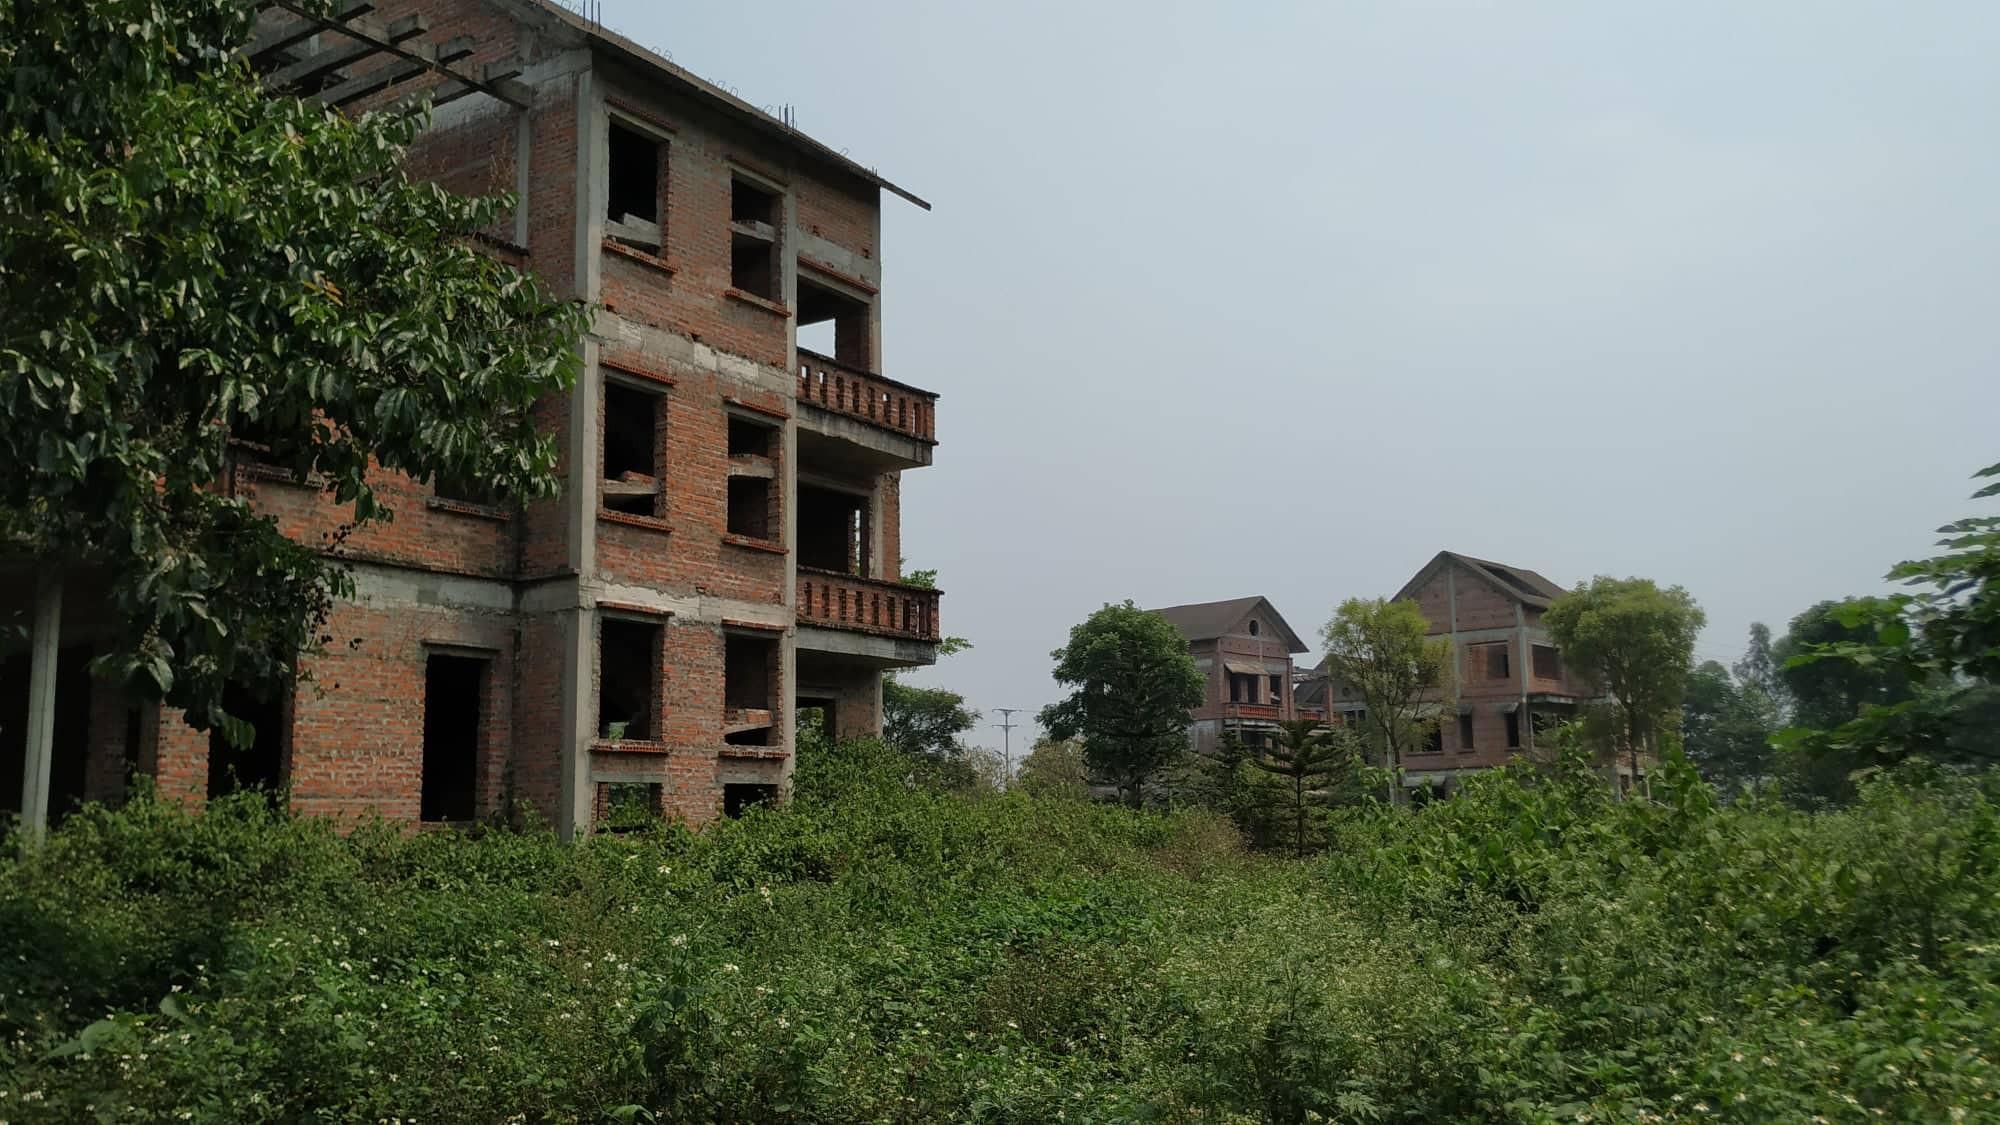 Sau 10 năm xây dựng, 2.000 ha đất hoang tàn, bỏ hoang tại Mê Linh - Ảnh 8.